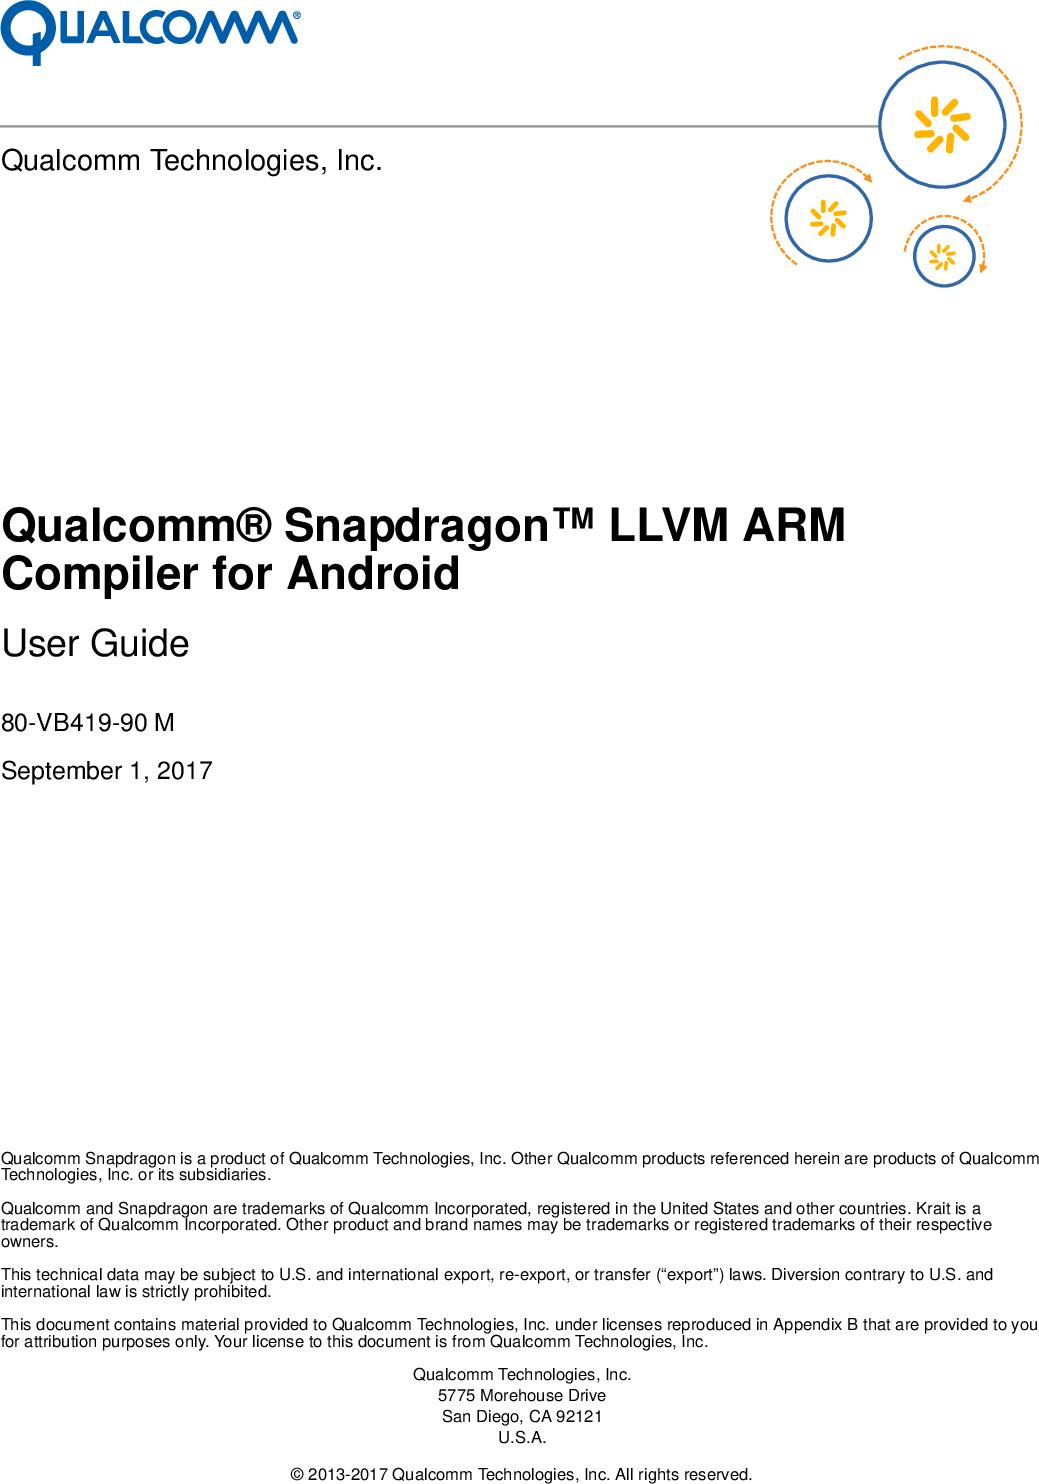 _llvm_arm_external Snapdragon LLVM ARM 40 Compiler User Guide